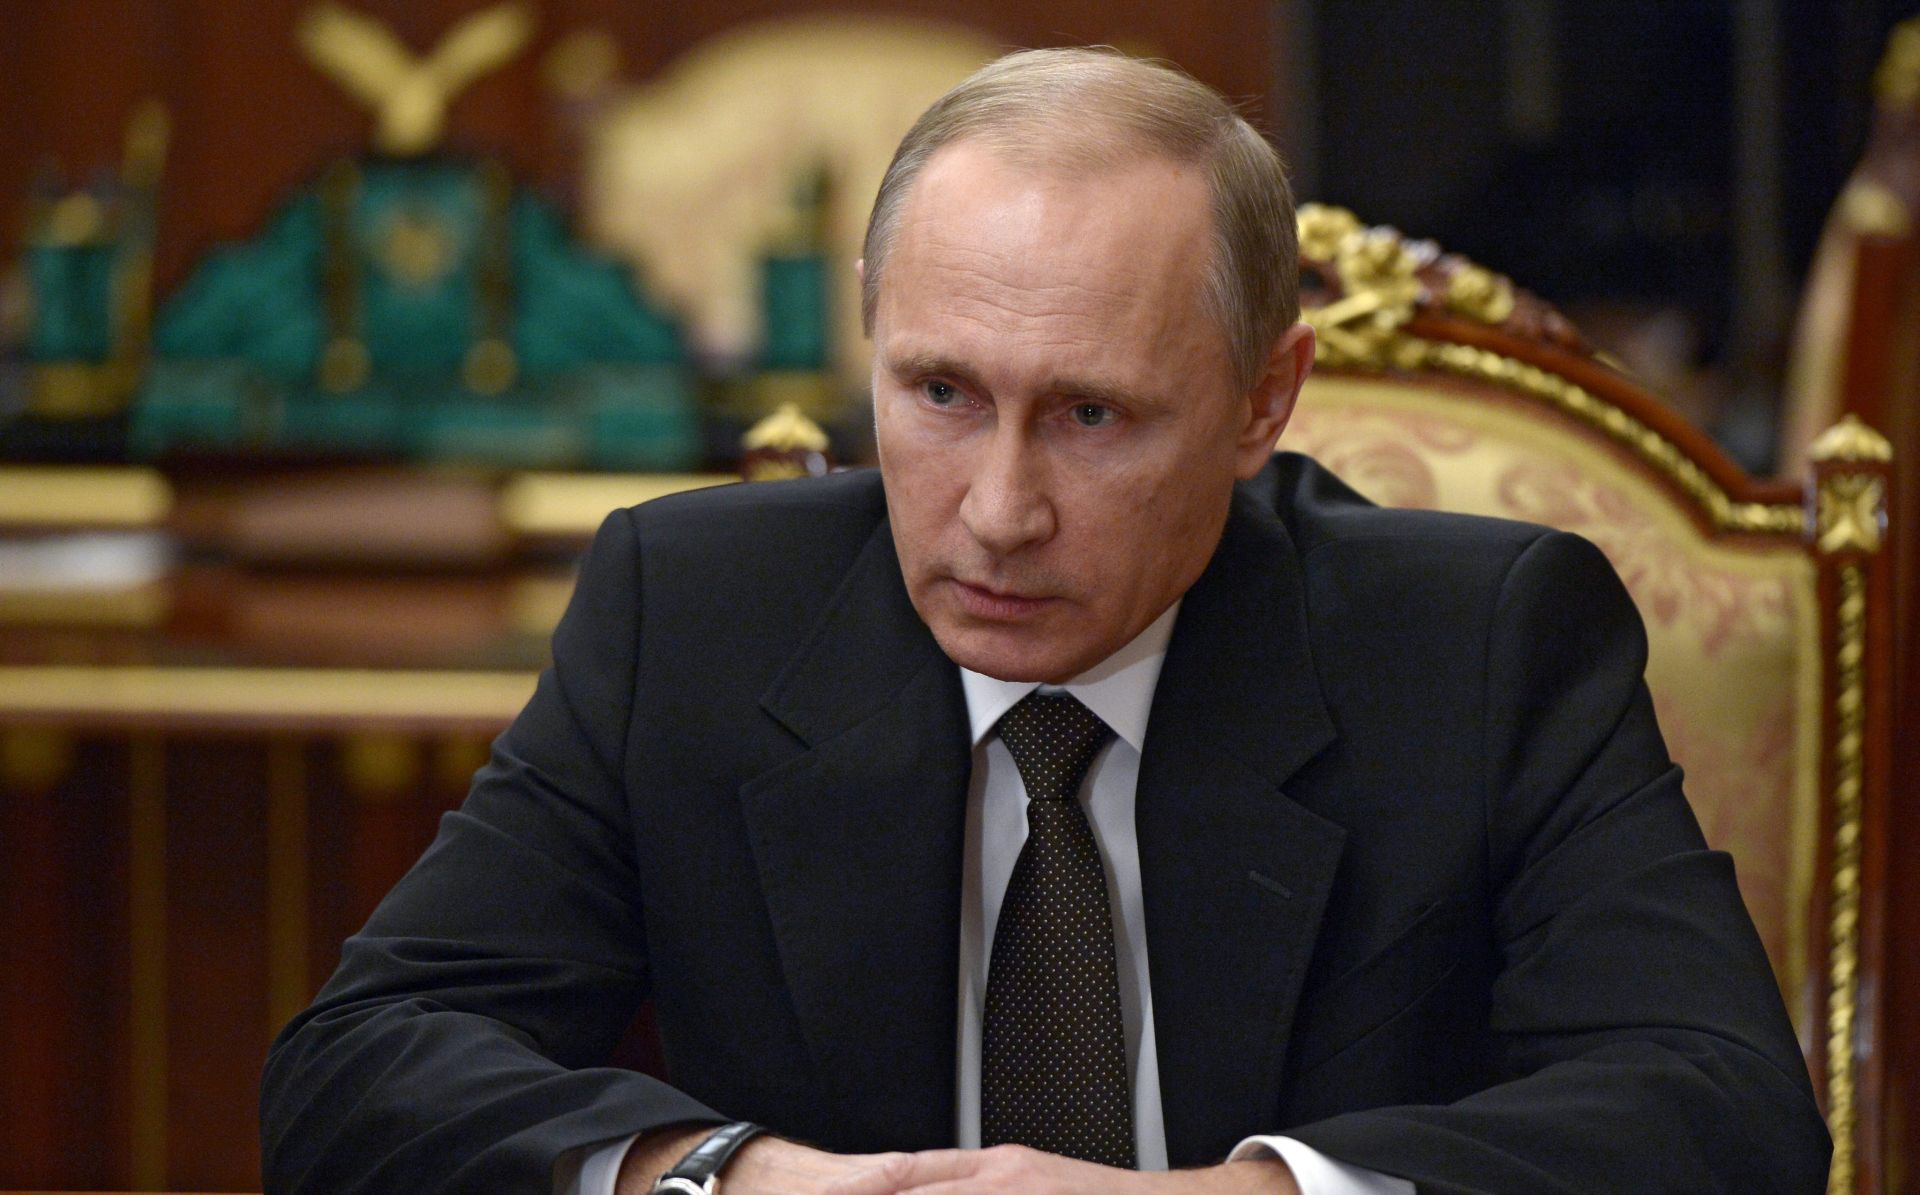 EU poziva da još više zemalja nametne sankcije Rusiji zbog Krima